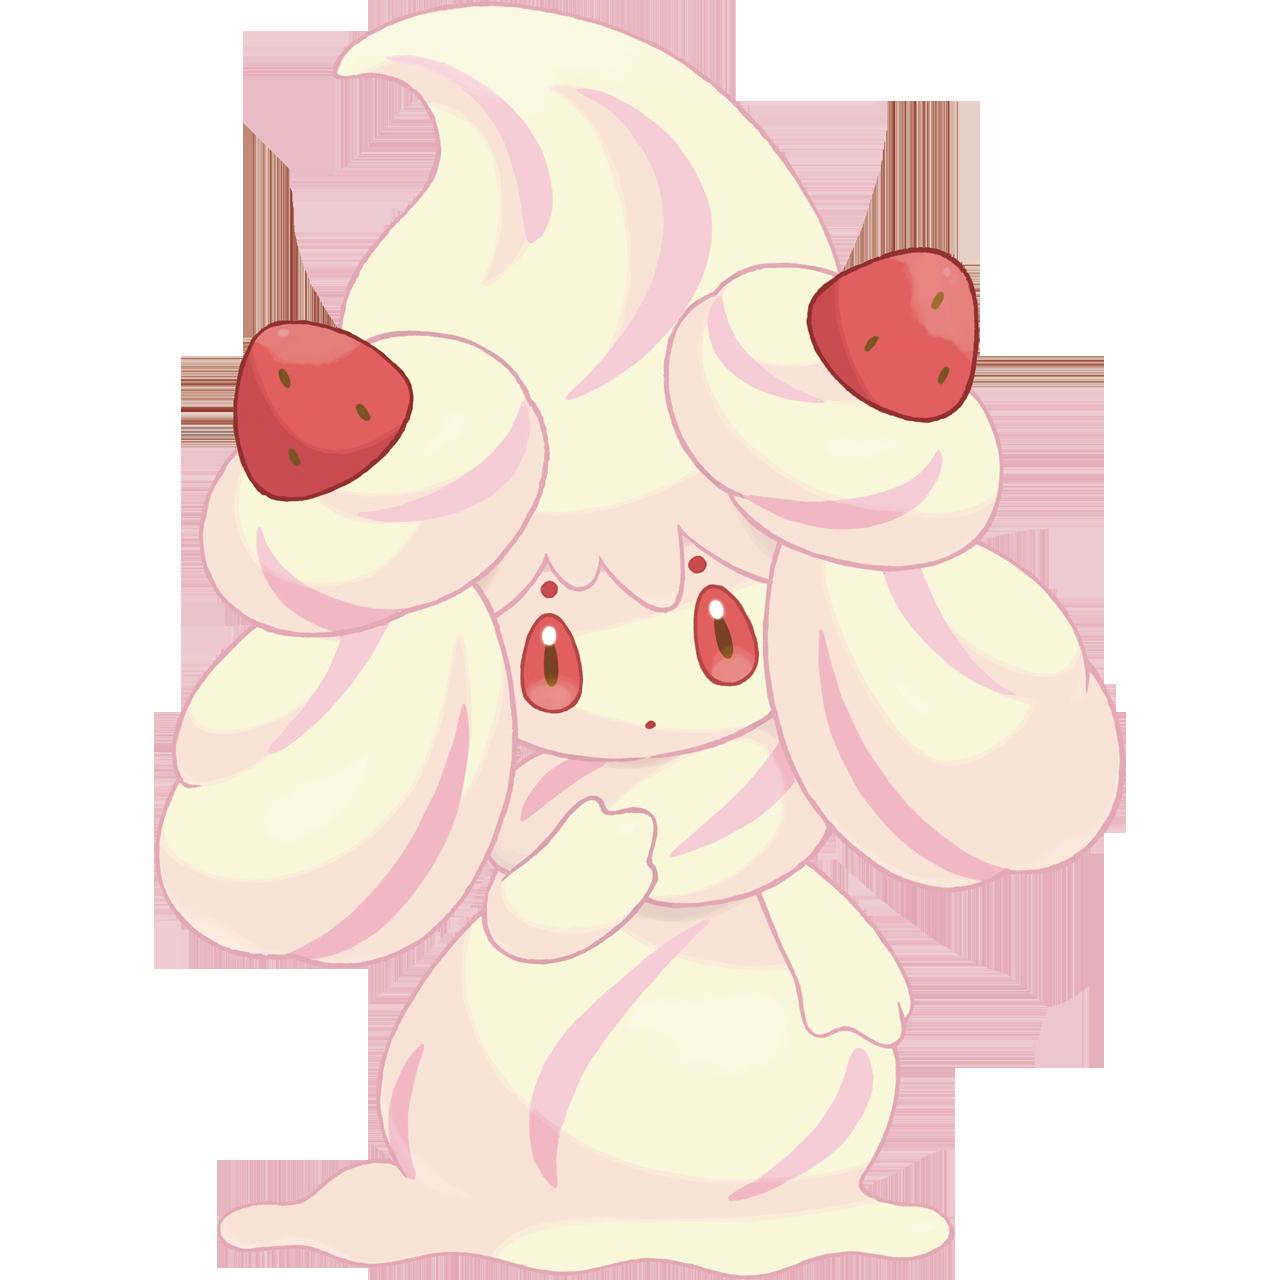 Alcremie (Pokémon)